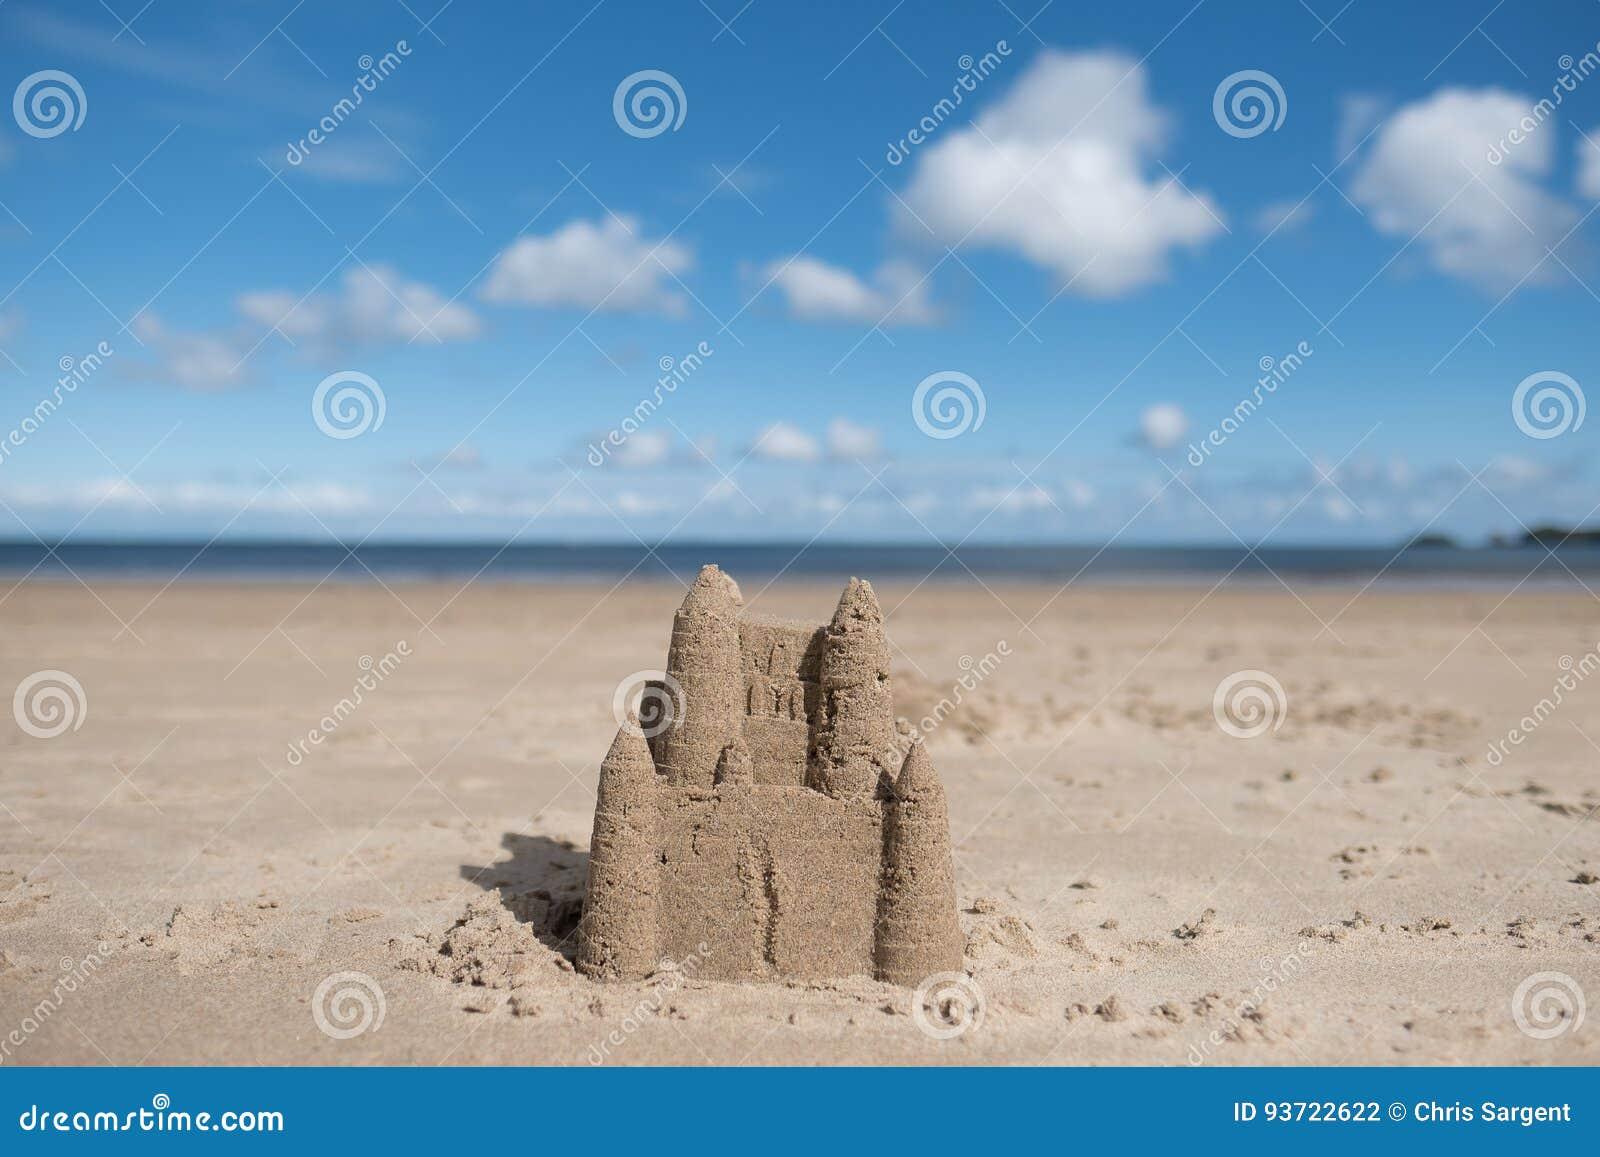 Castelo da areia em uma praia em Gales